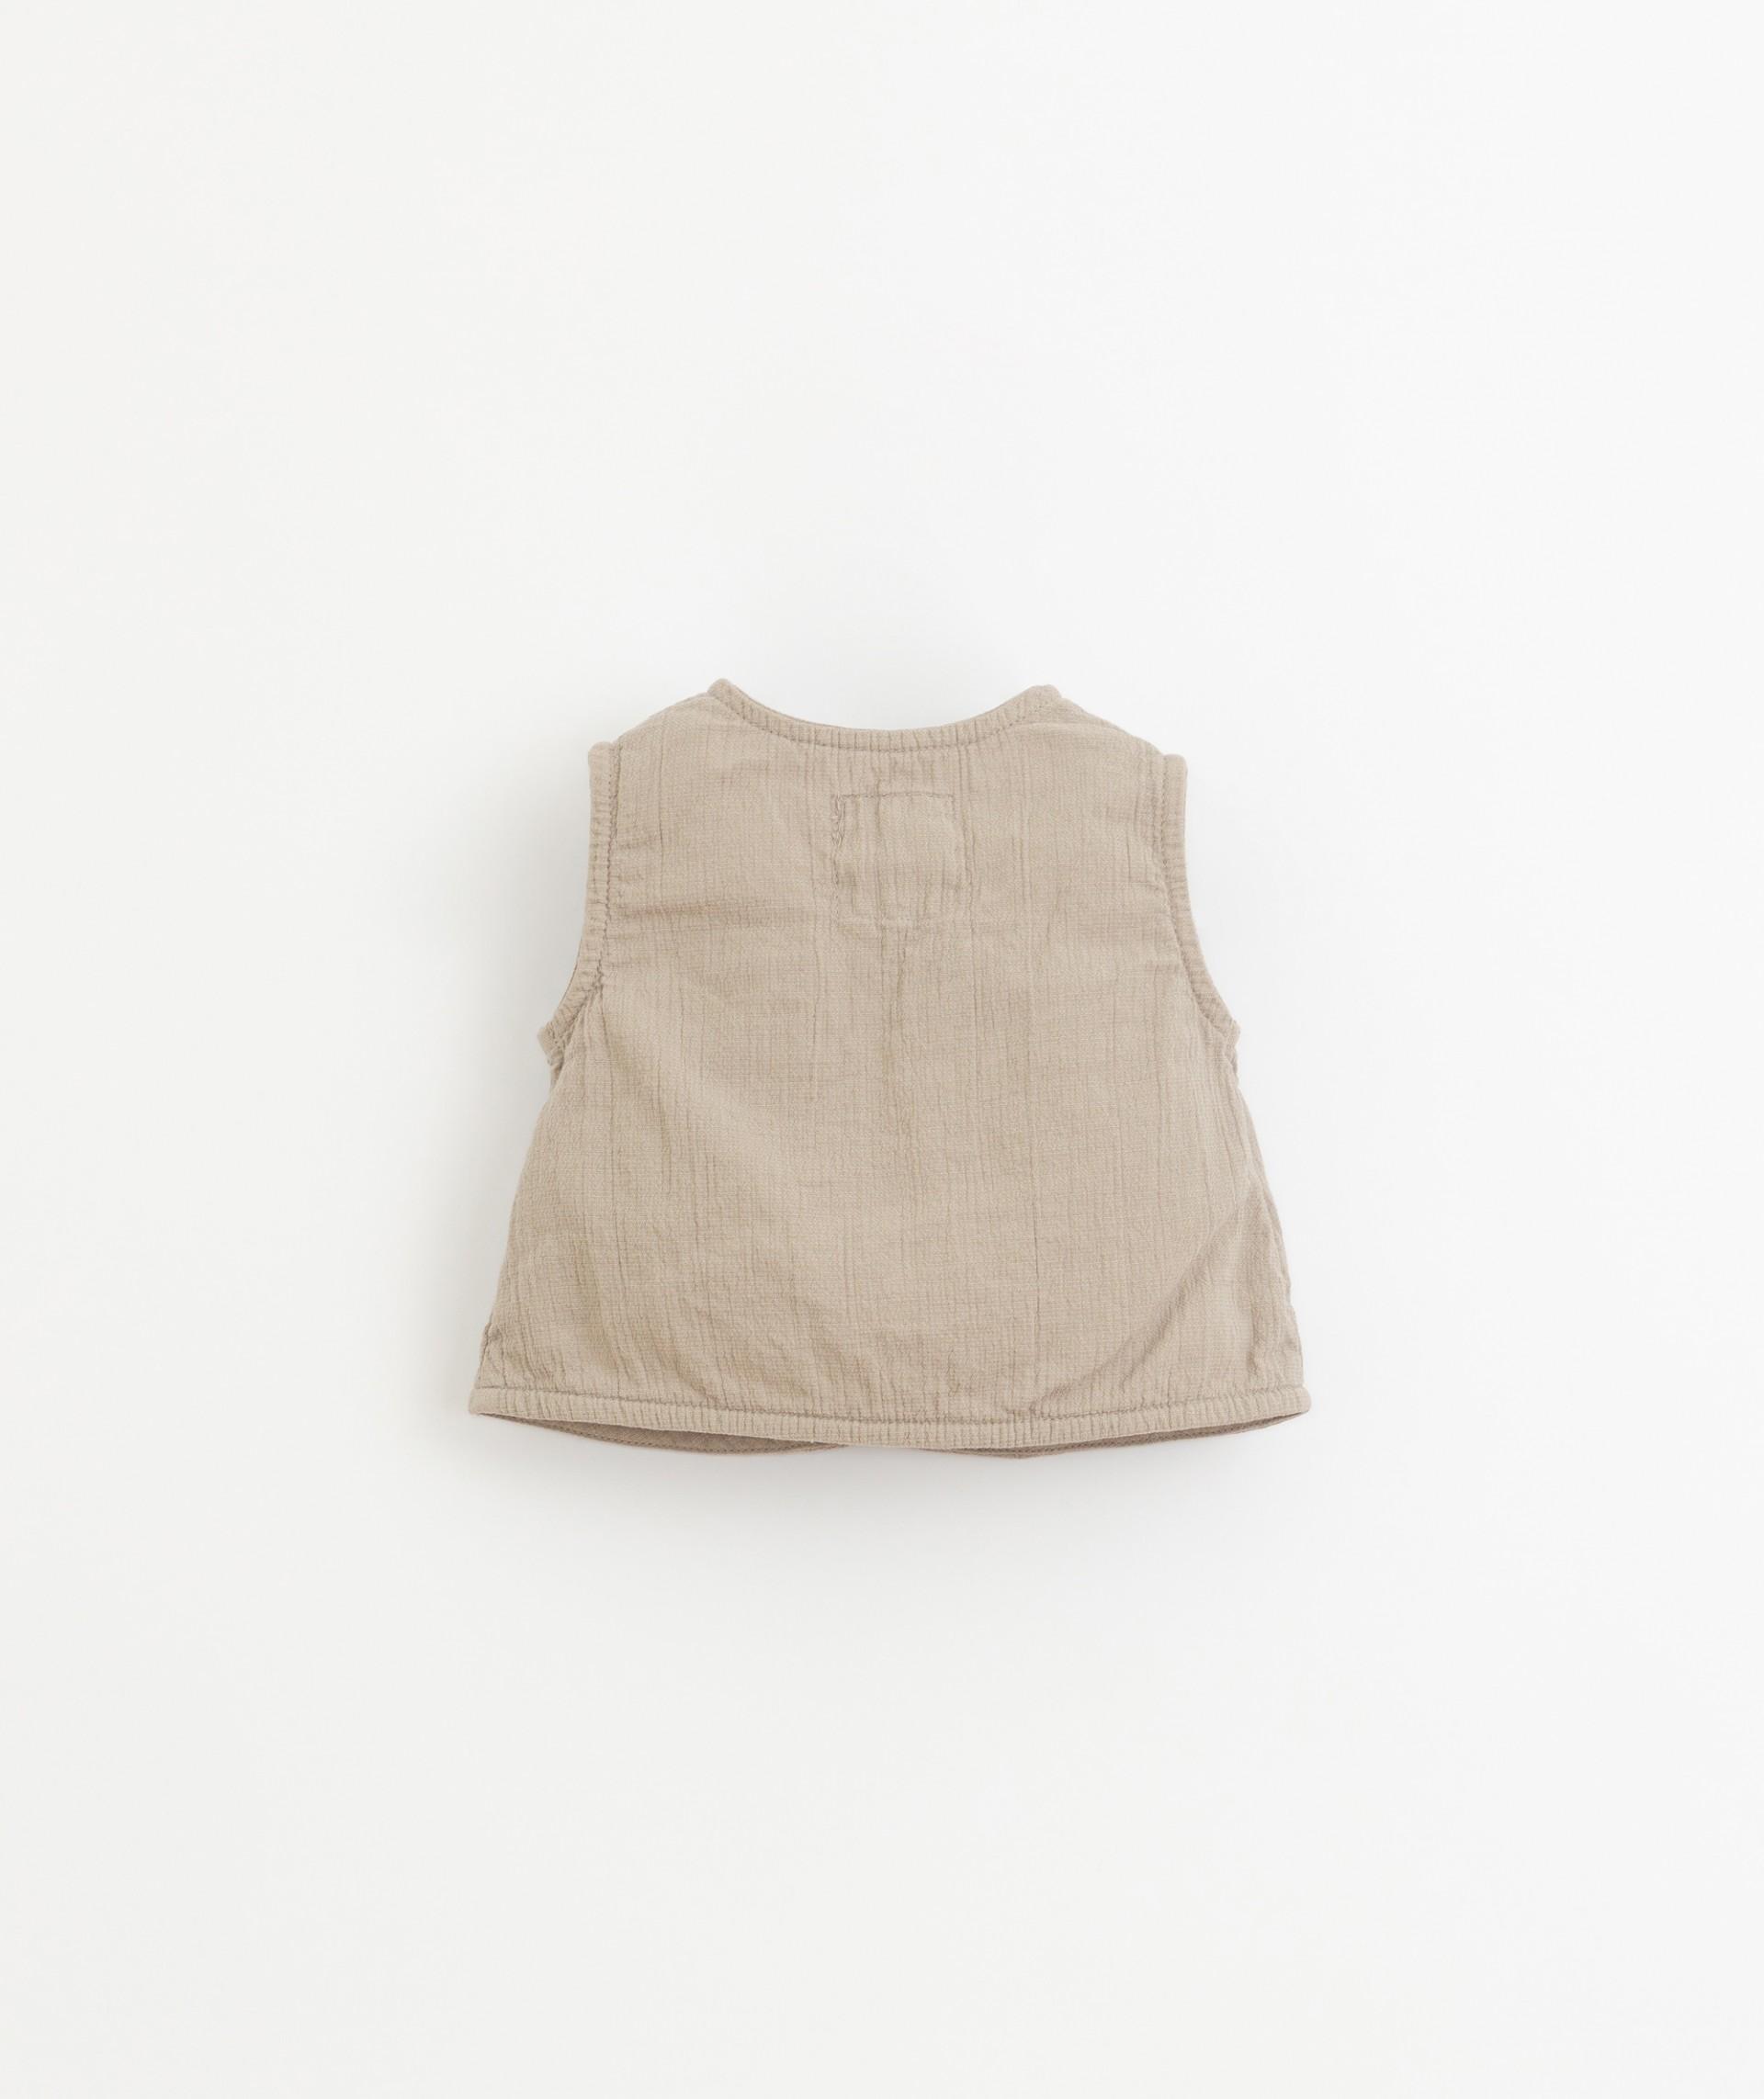 Blusa de tecido | Botany